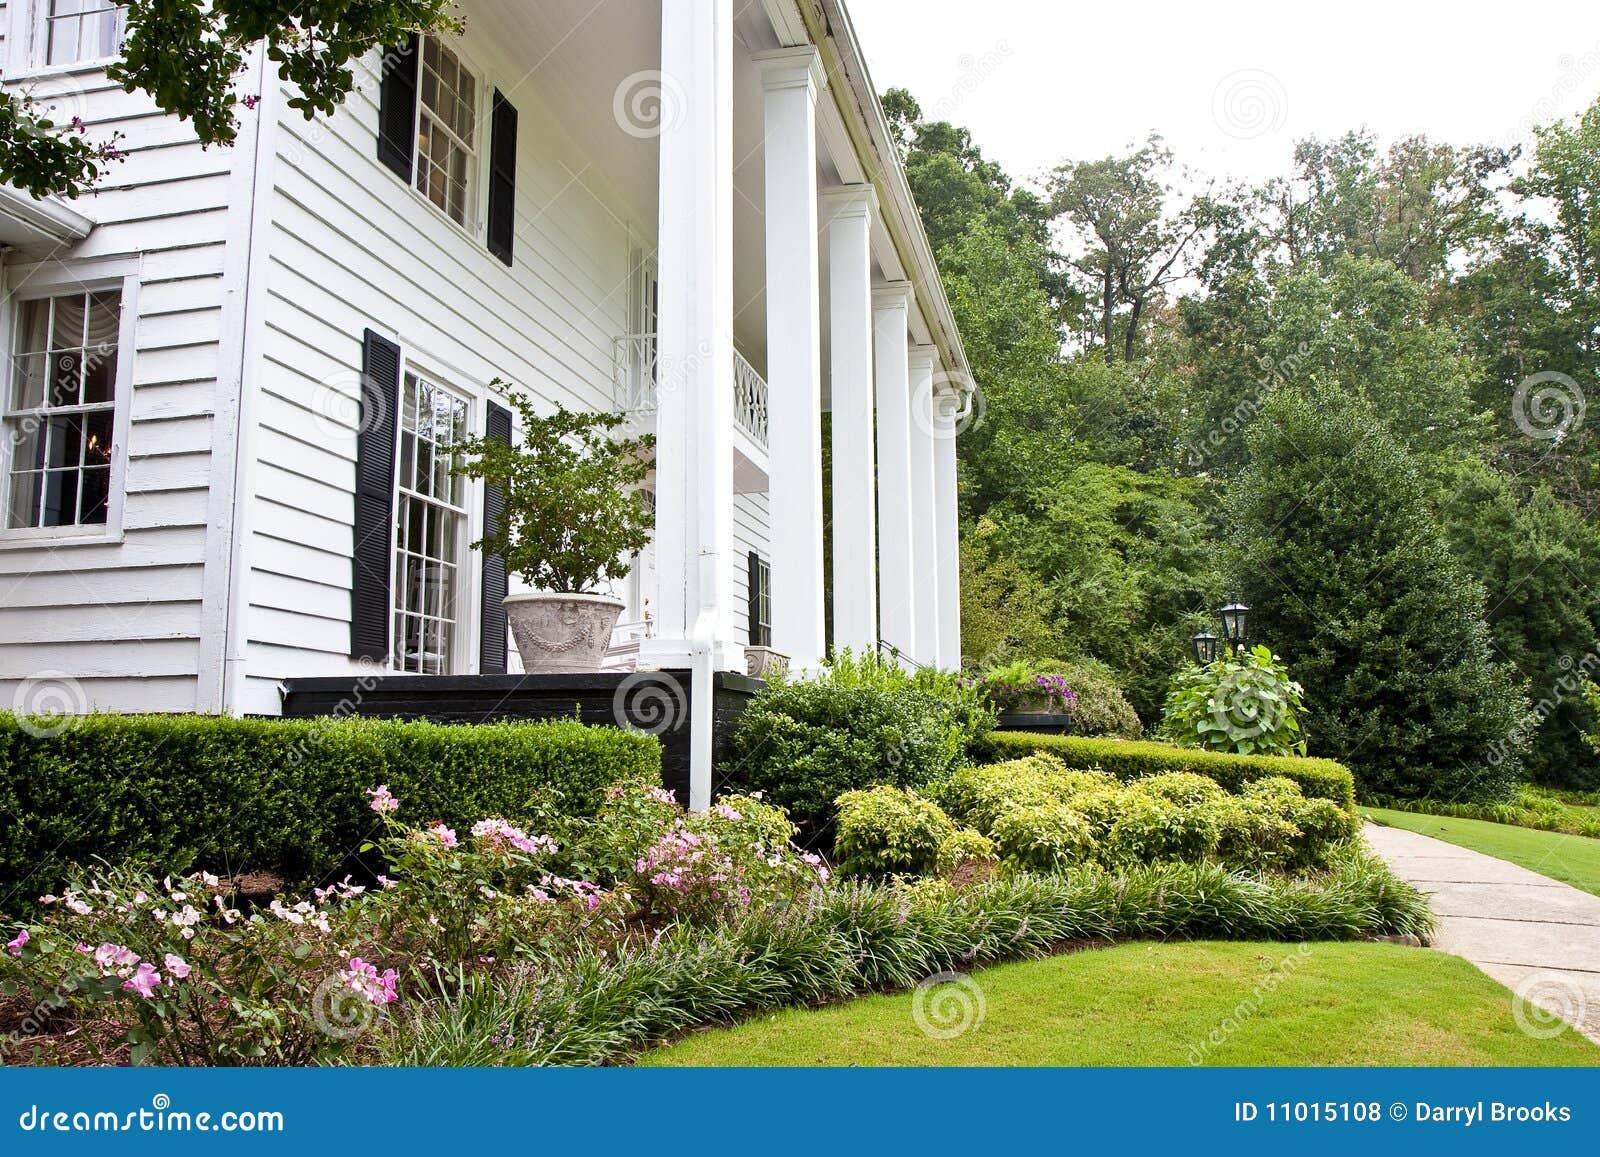 Peque os jardines fotos de archivo libres de regal as - Jardines pequenos imagenes ...